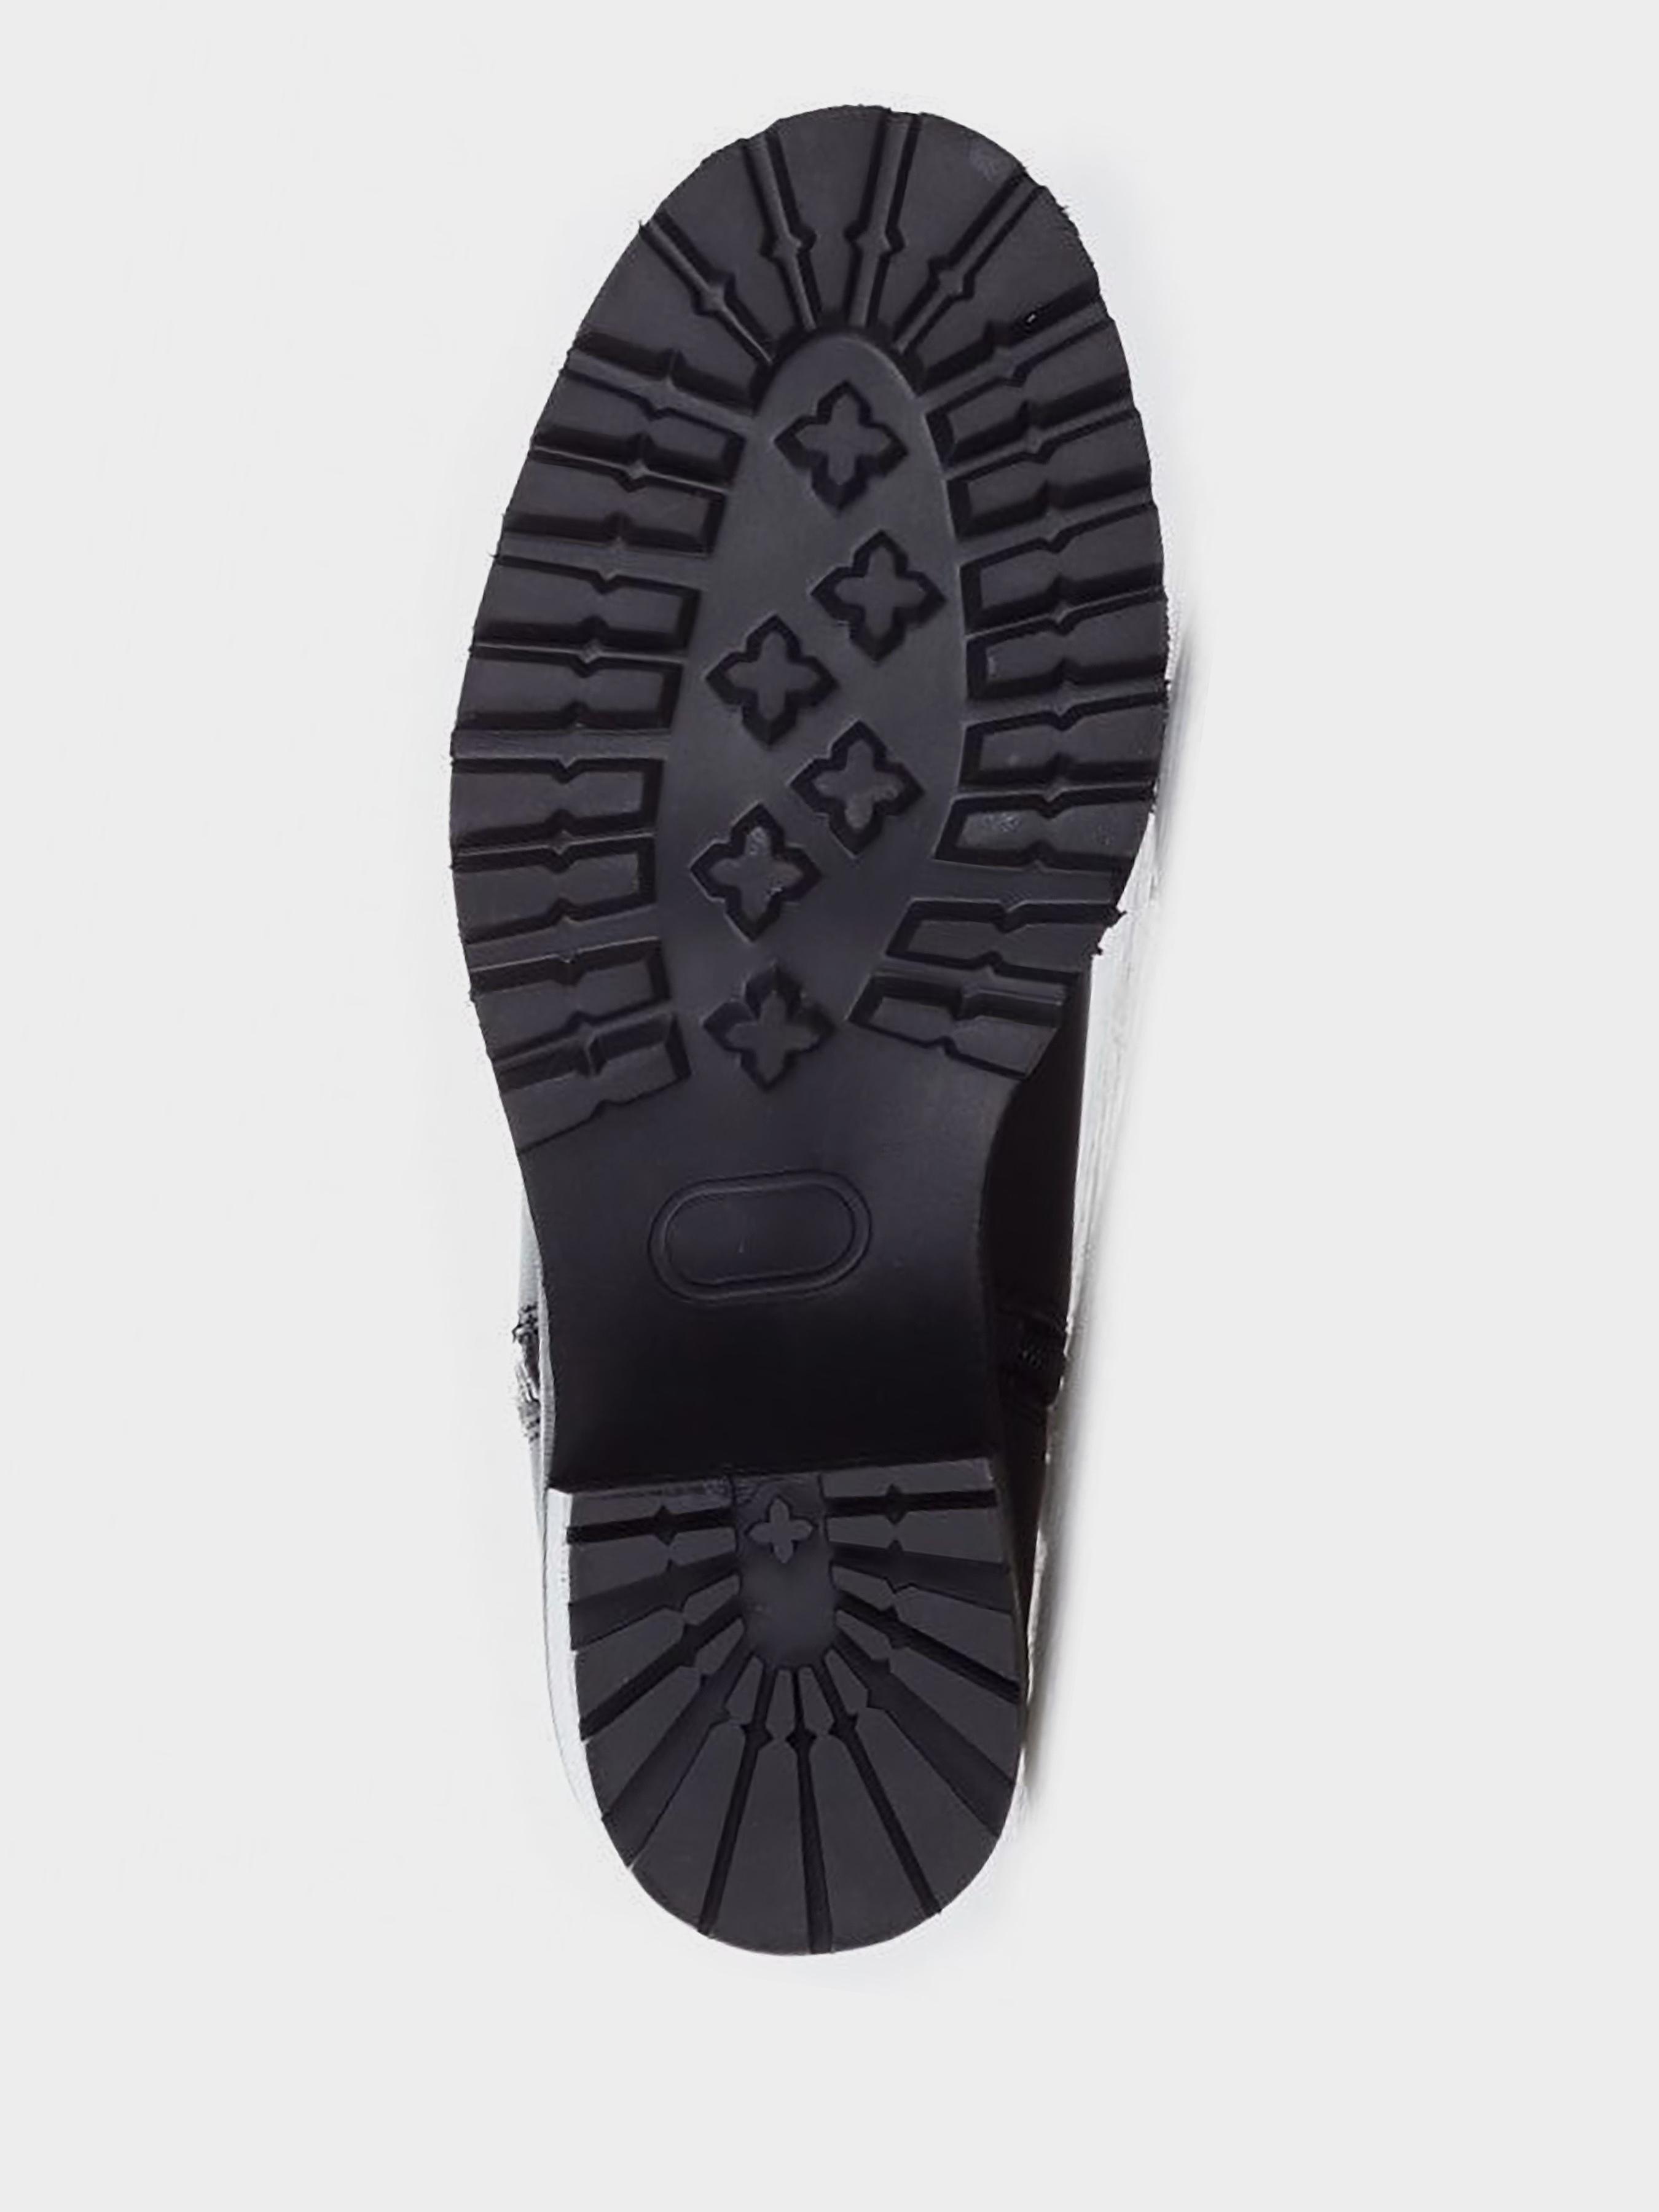 Ботинки для женщин Braska черевики жін. (36-41) BS3024 фото, купить, 2017